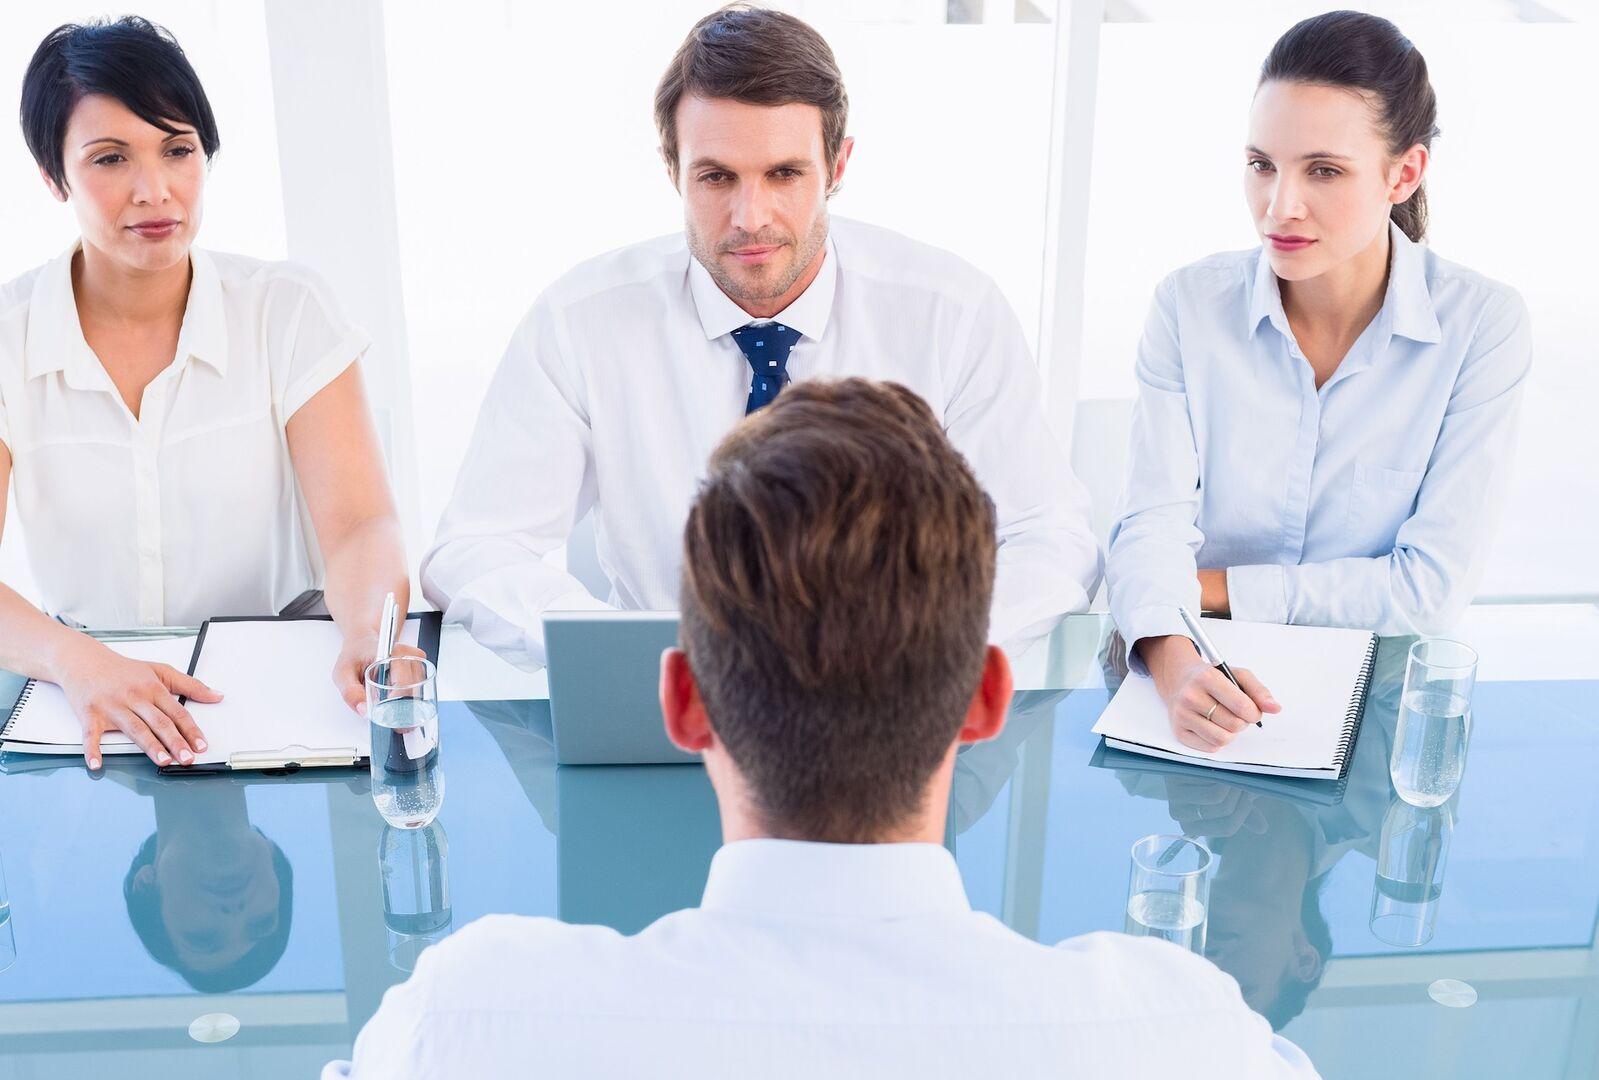 Las seis preguntas más frecuentes en una entrevista de trabajo